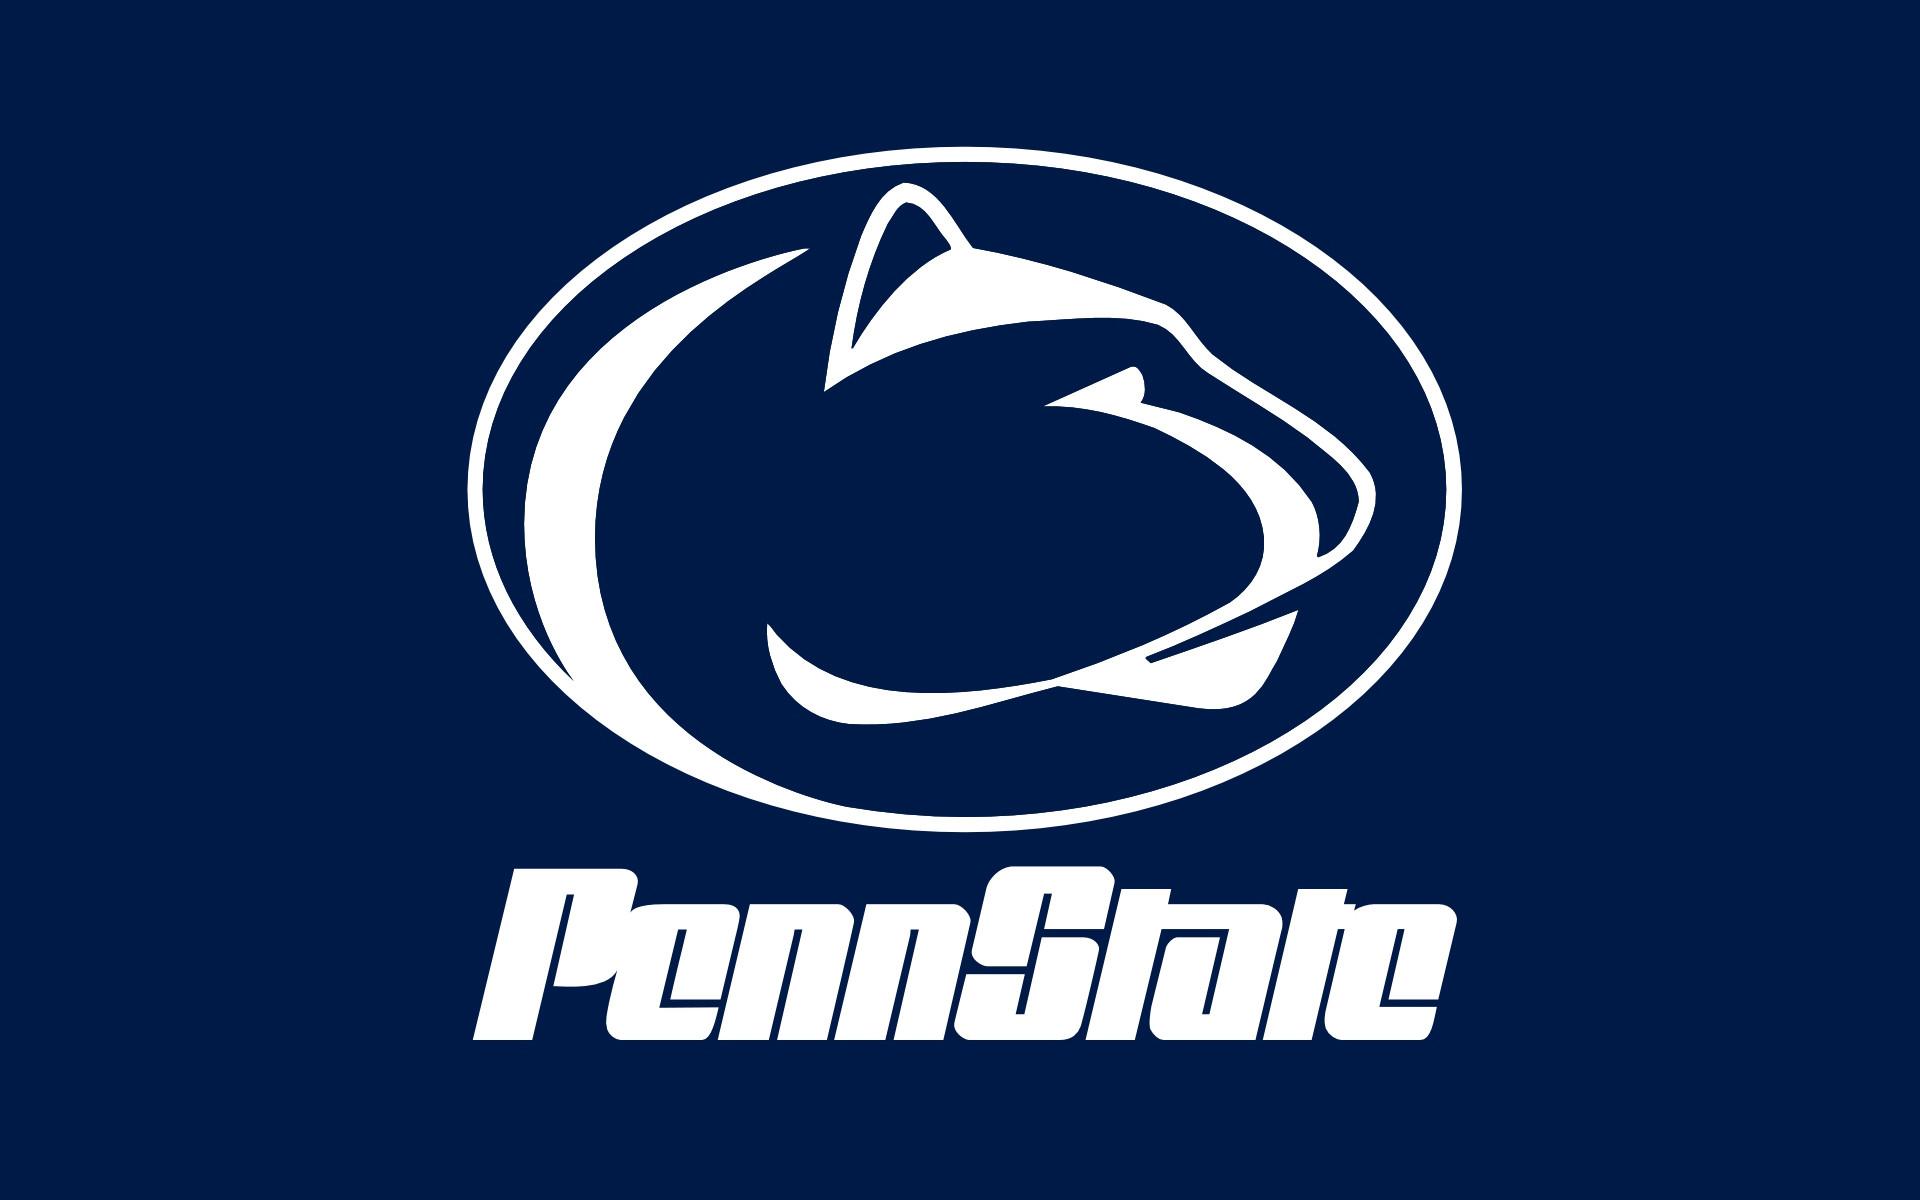 Penn State Football Logo Wallpaper 44453